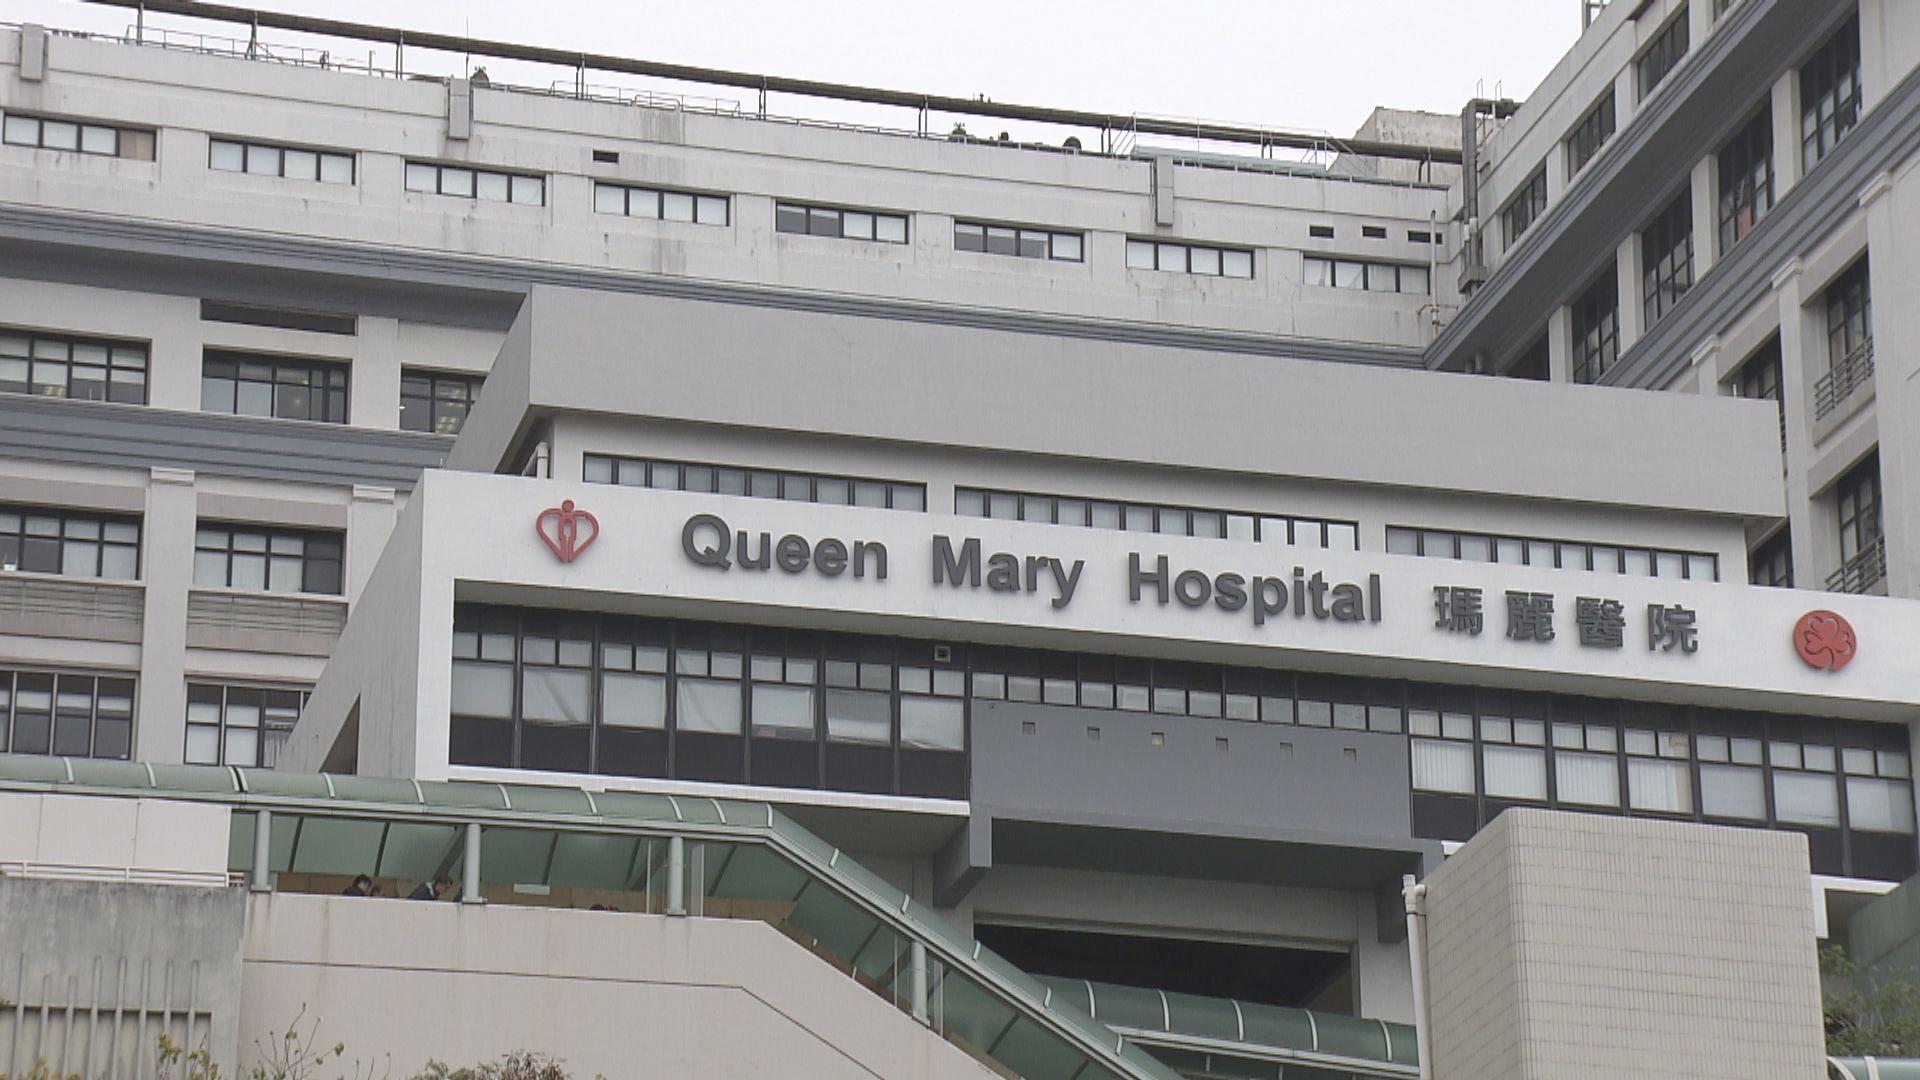 瑪麗醫院為六歲女童施手術 疑遺漏儀器碎片於病人體內